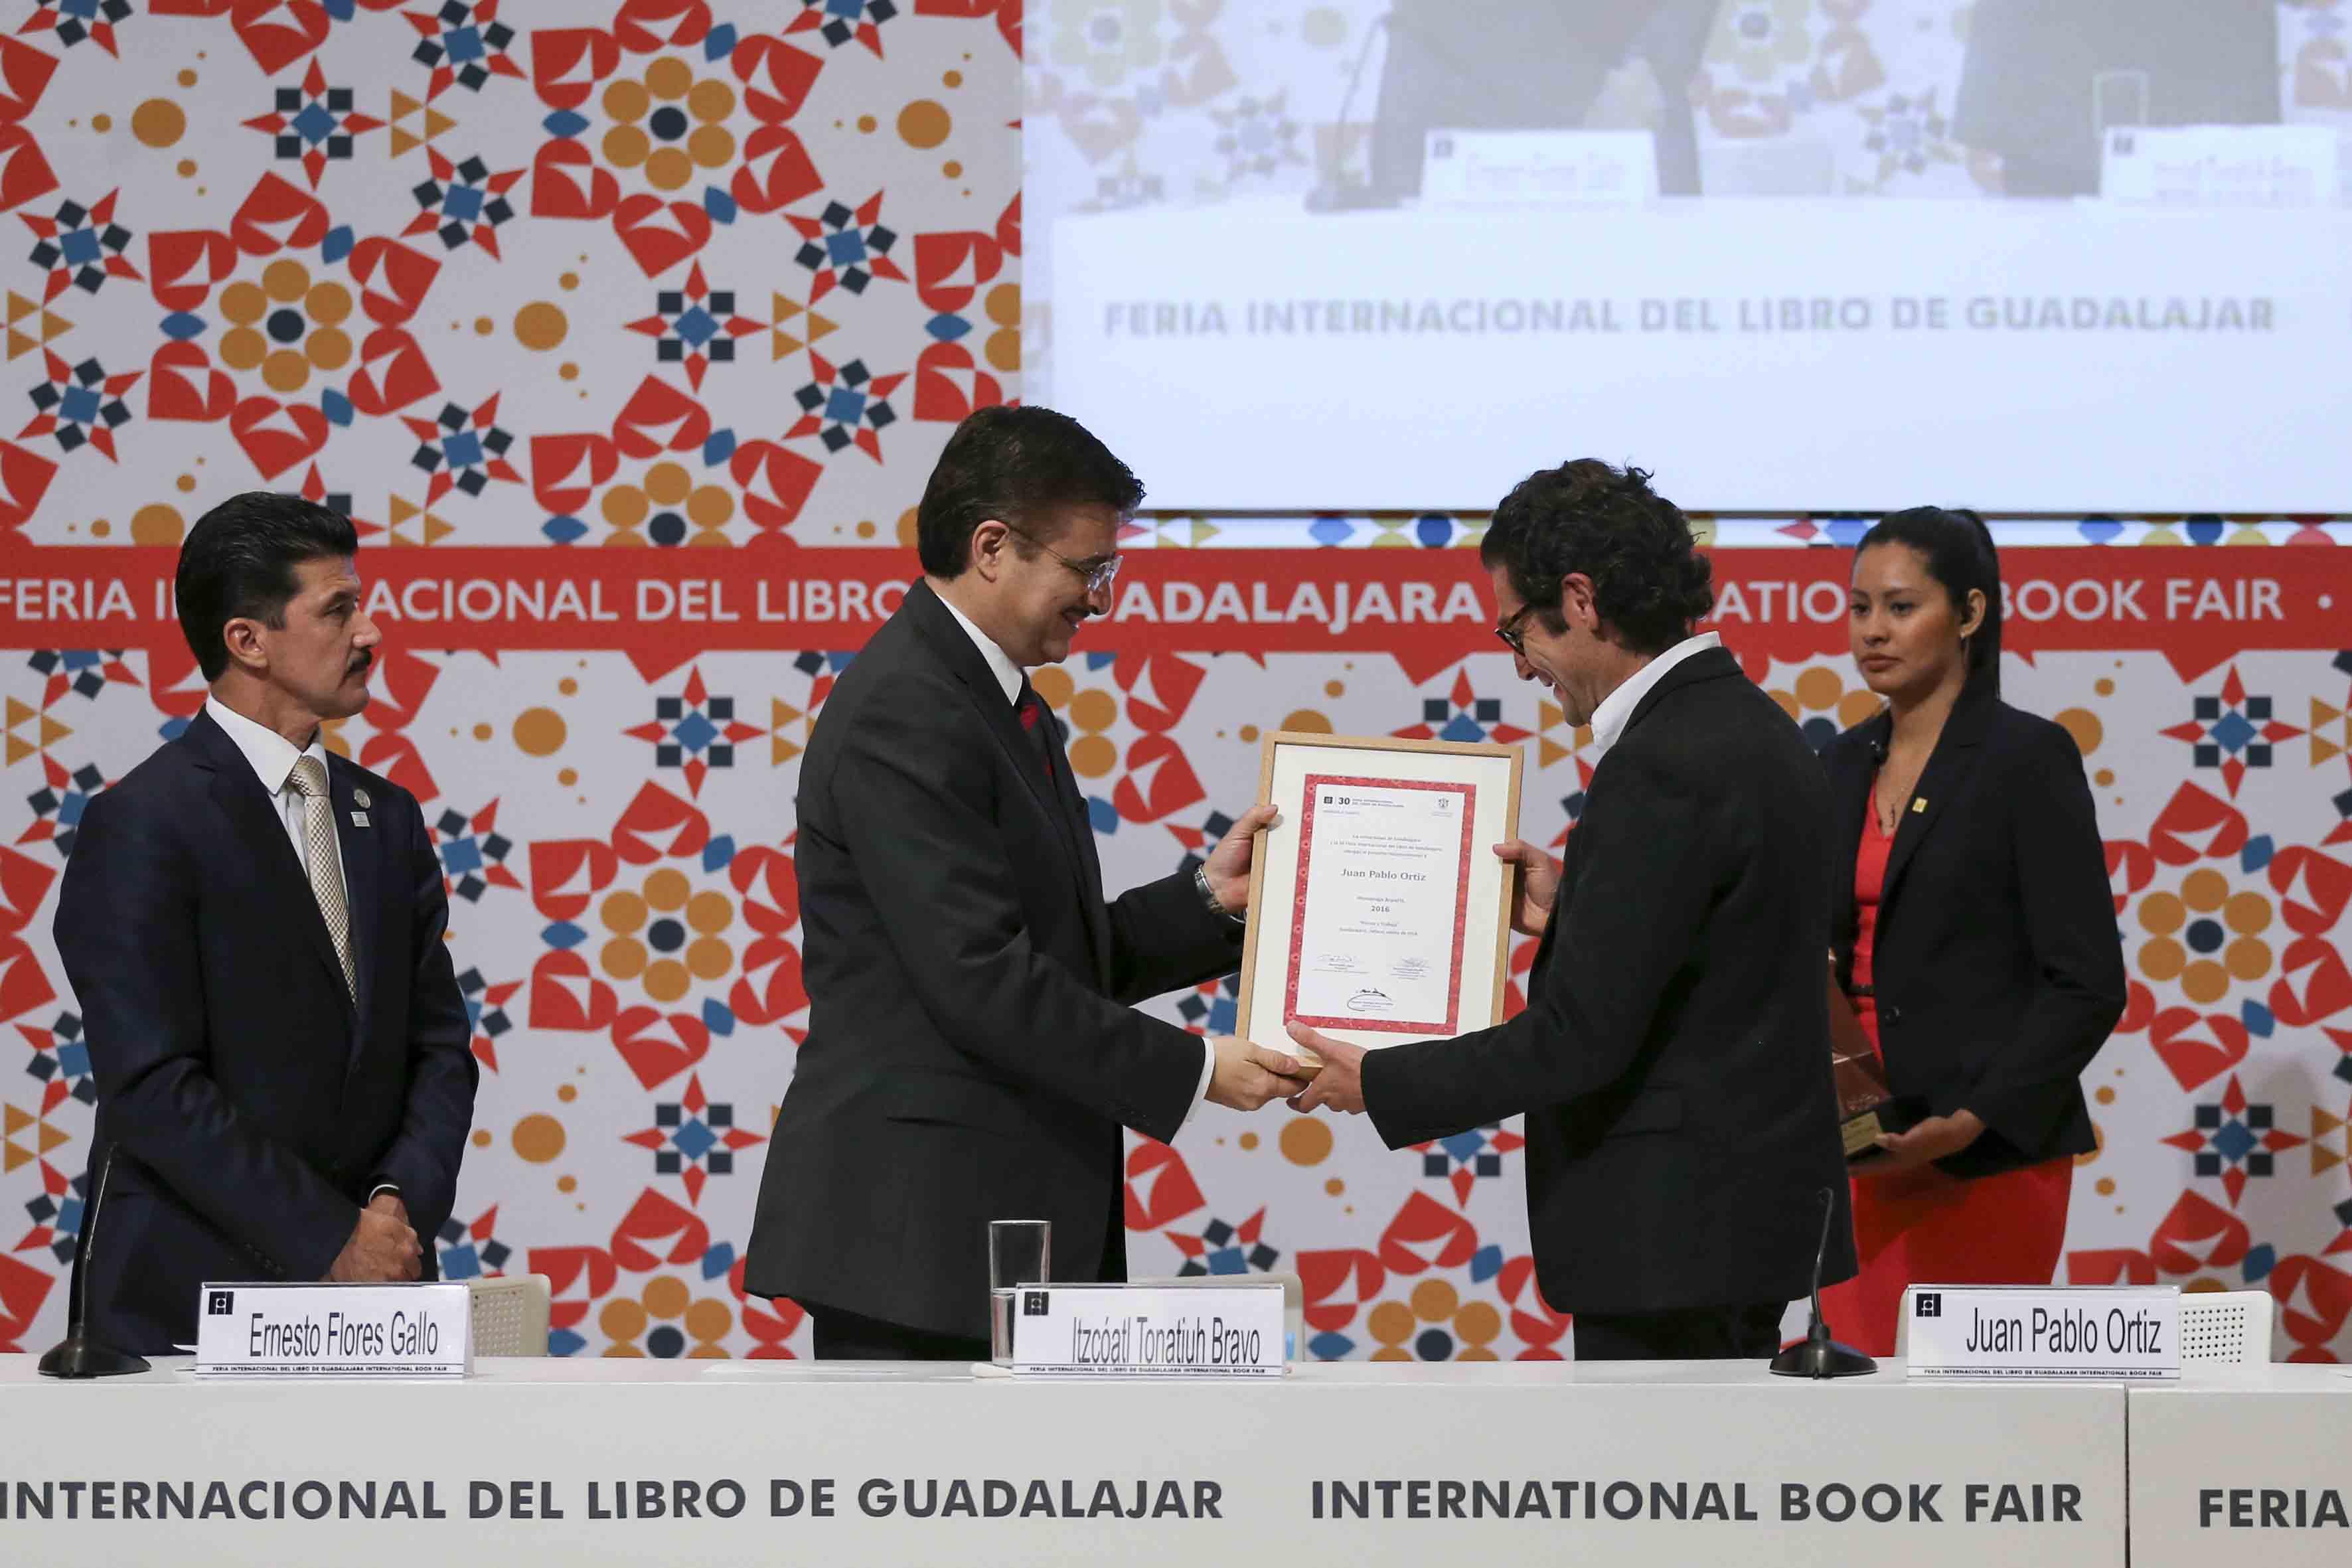 Maestro Itzcóatl Tonatiuh Bravo Padilla, Rector General de la Universidad de Guadalajara, entregando reconocimiento al Arquitecto colombiano Juan Pablo Ortiz.